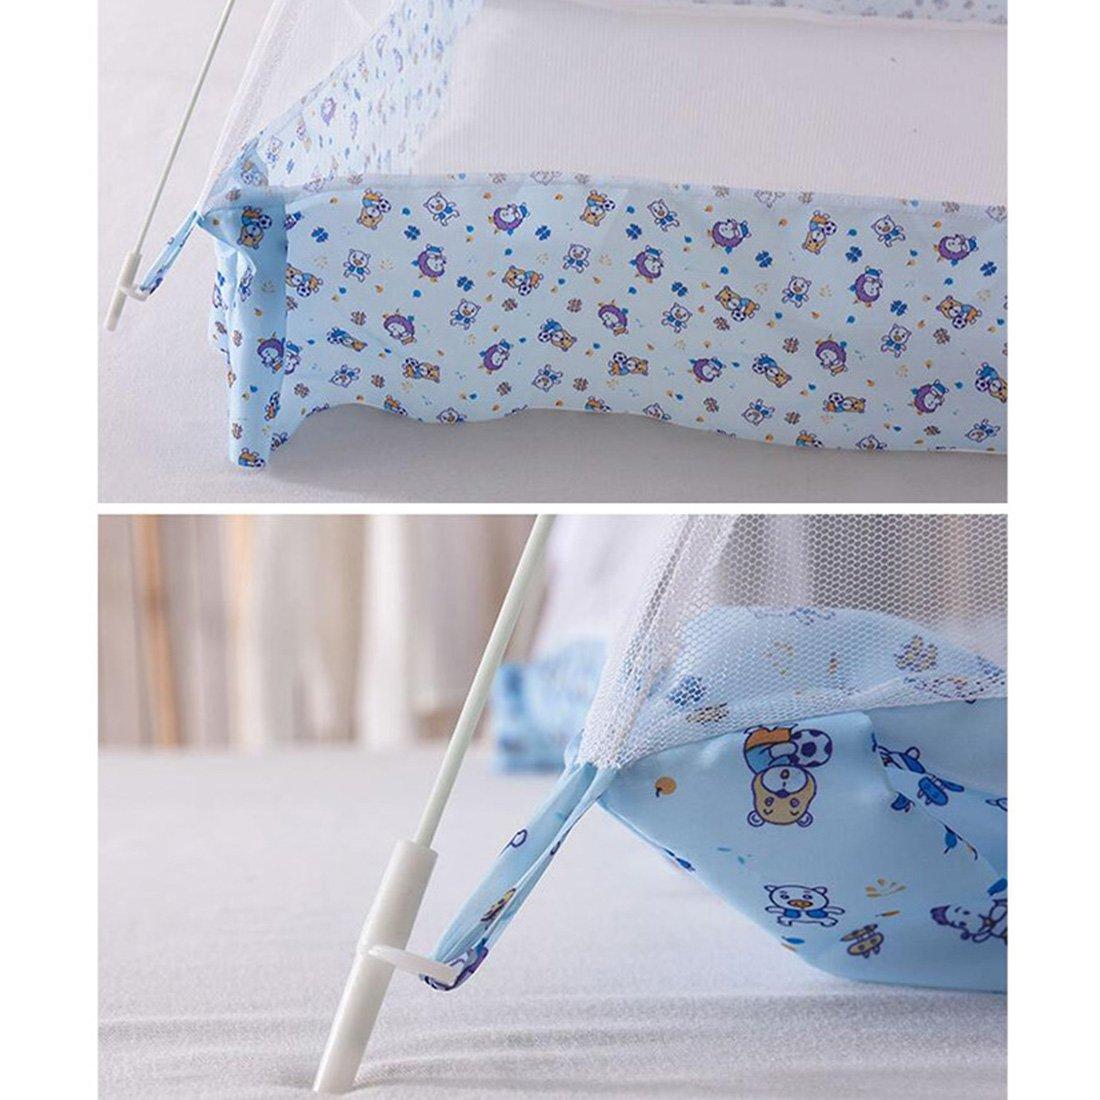 beautylife66 Enfant Moustiquaire Forme de D/ôme Tente Lit Berceau Couffin avec Support Bleu,S